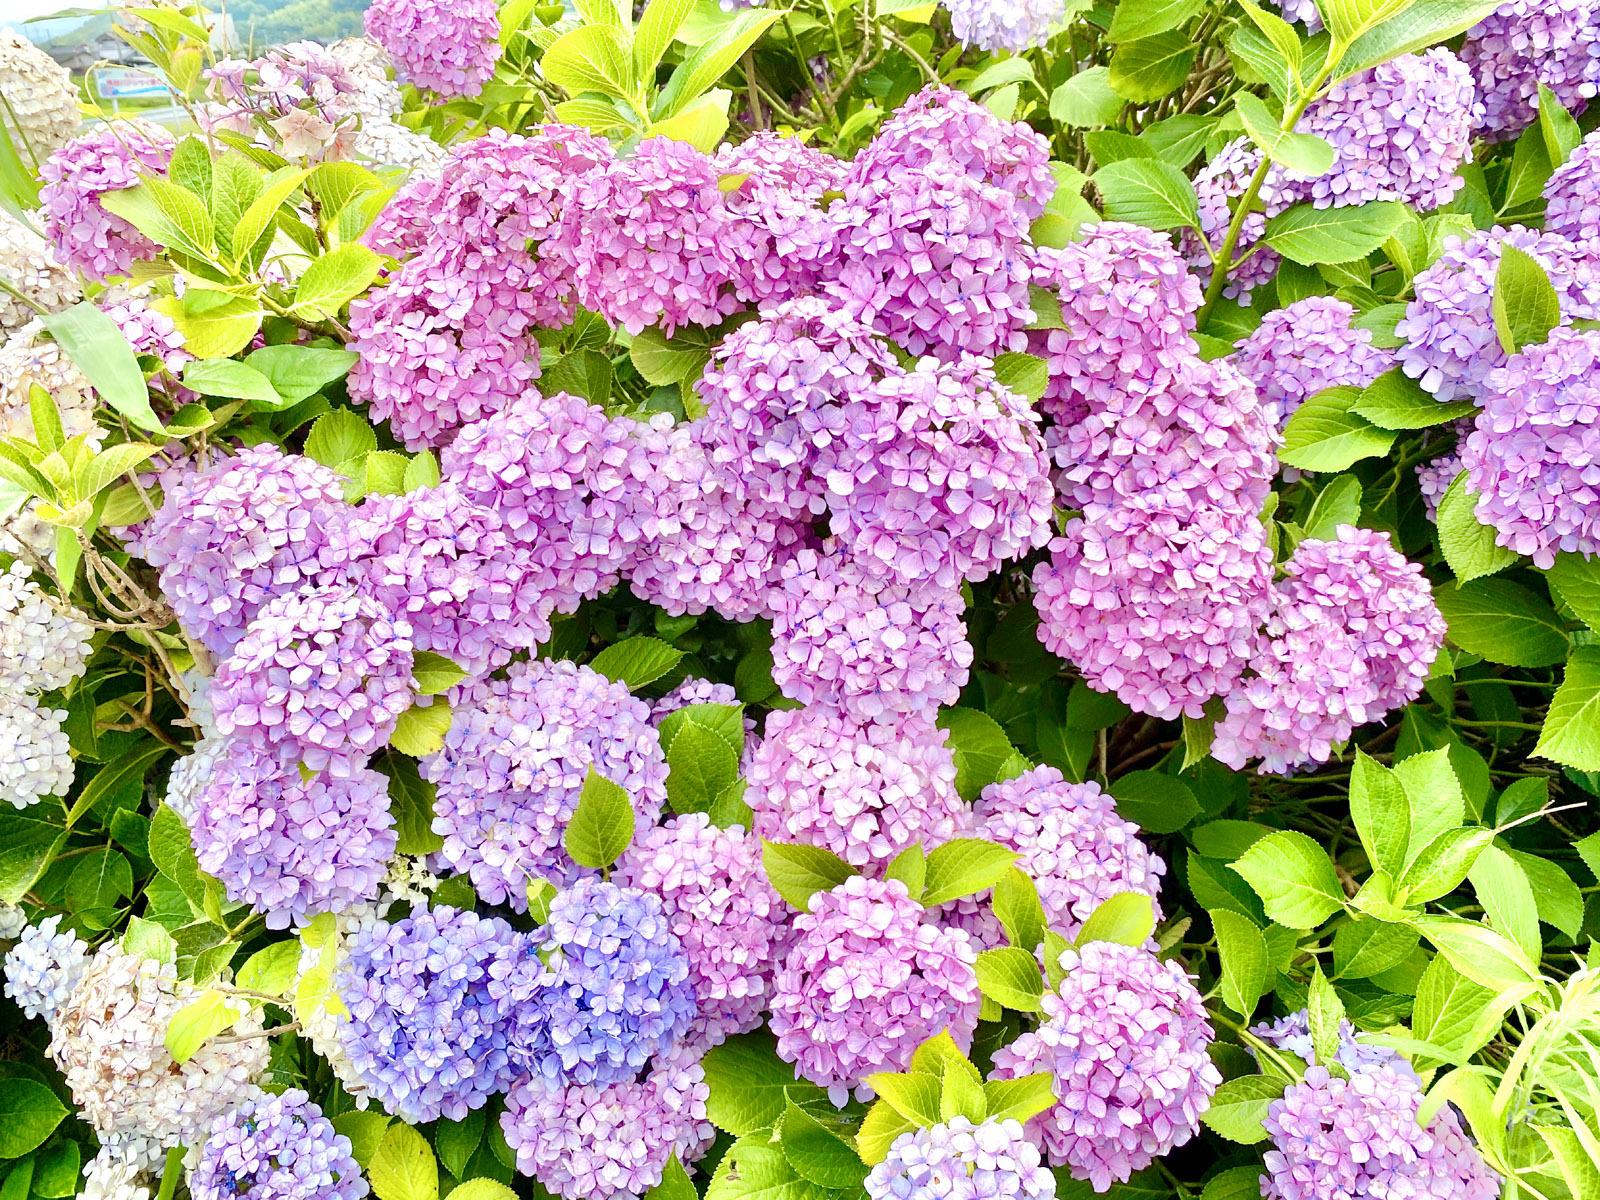 赤紫から青紫のグラデーション